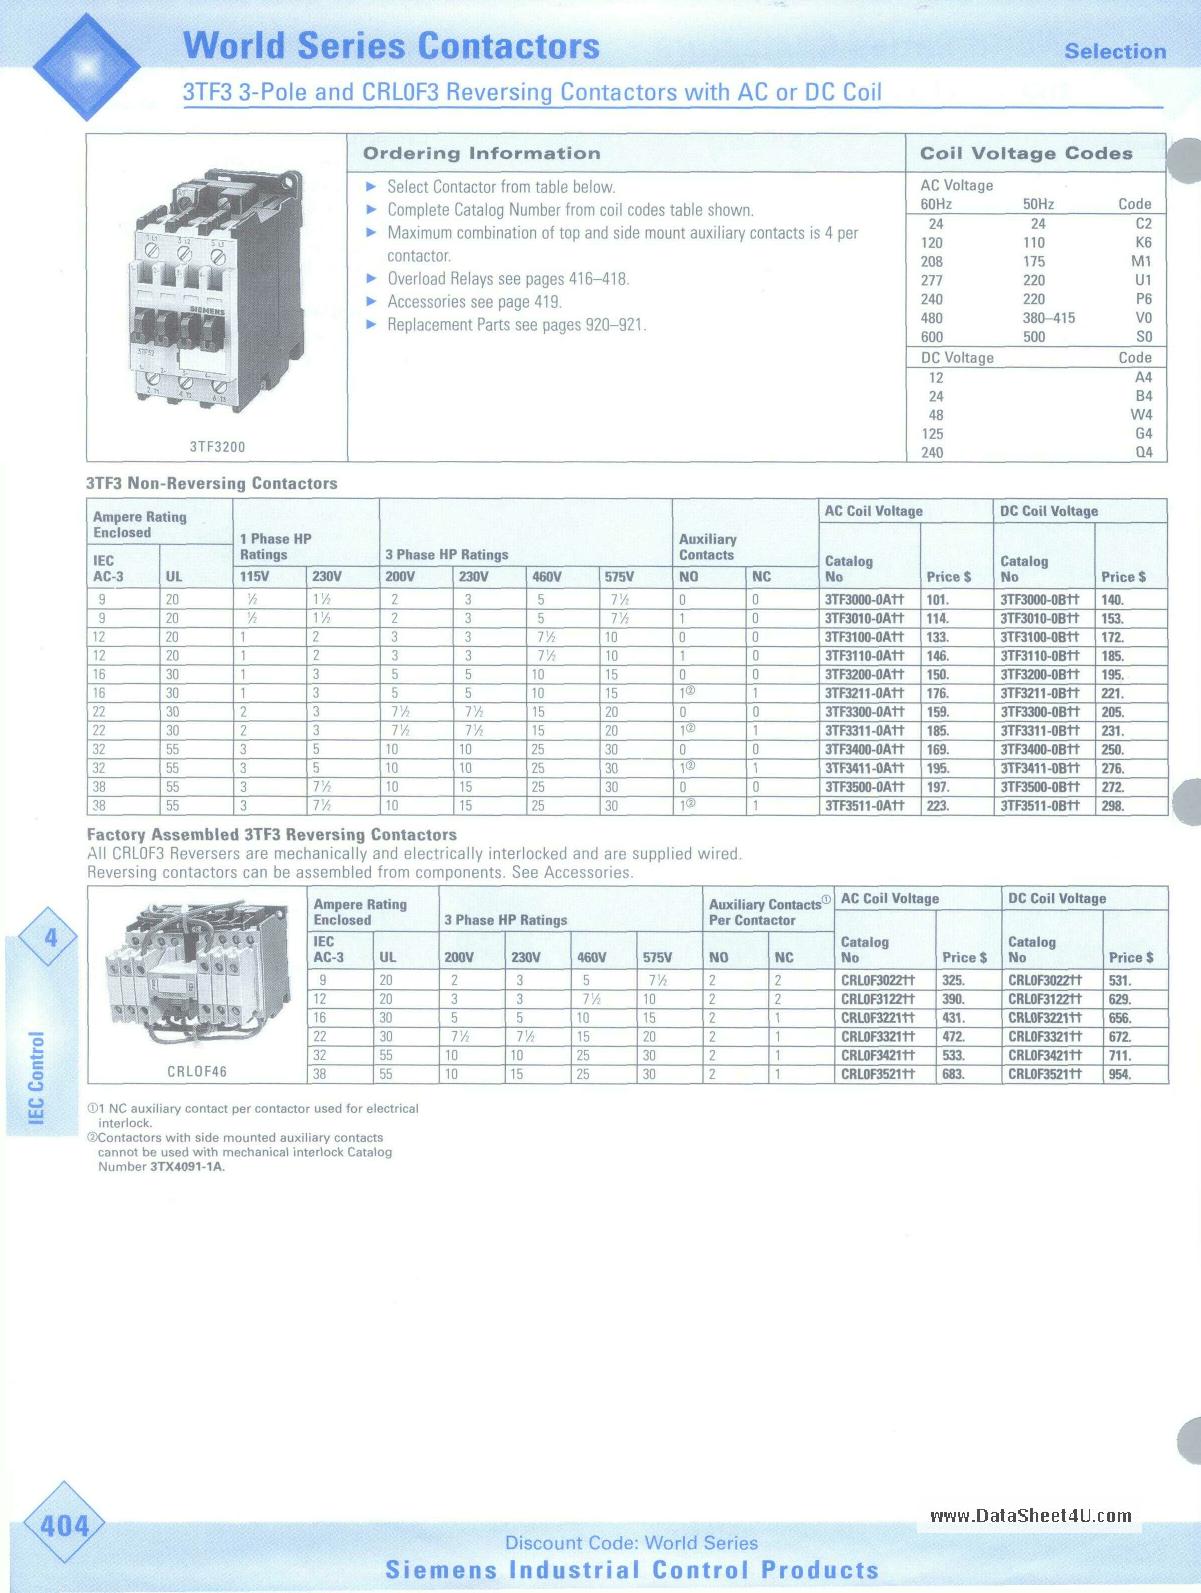 3TD2 pdf, 電子部品, 半導体, ピン配列